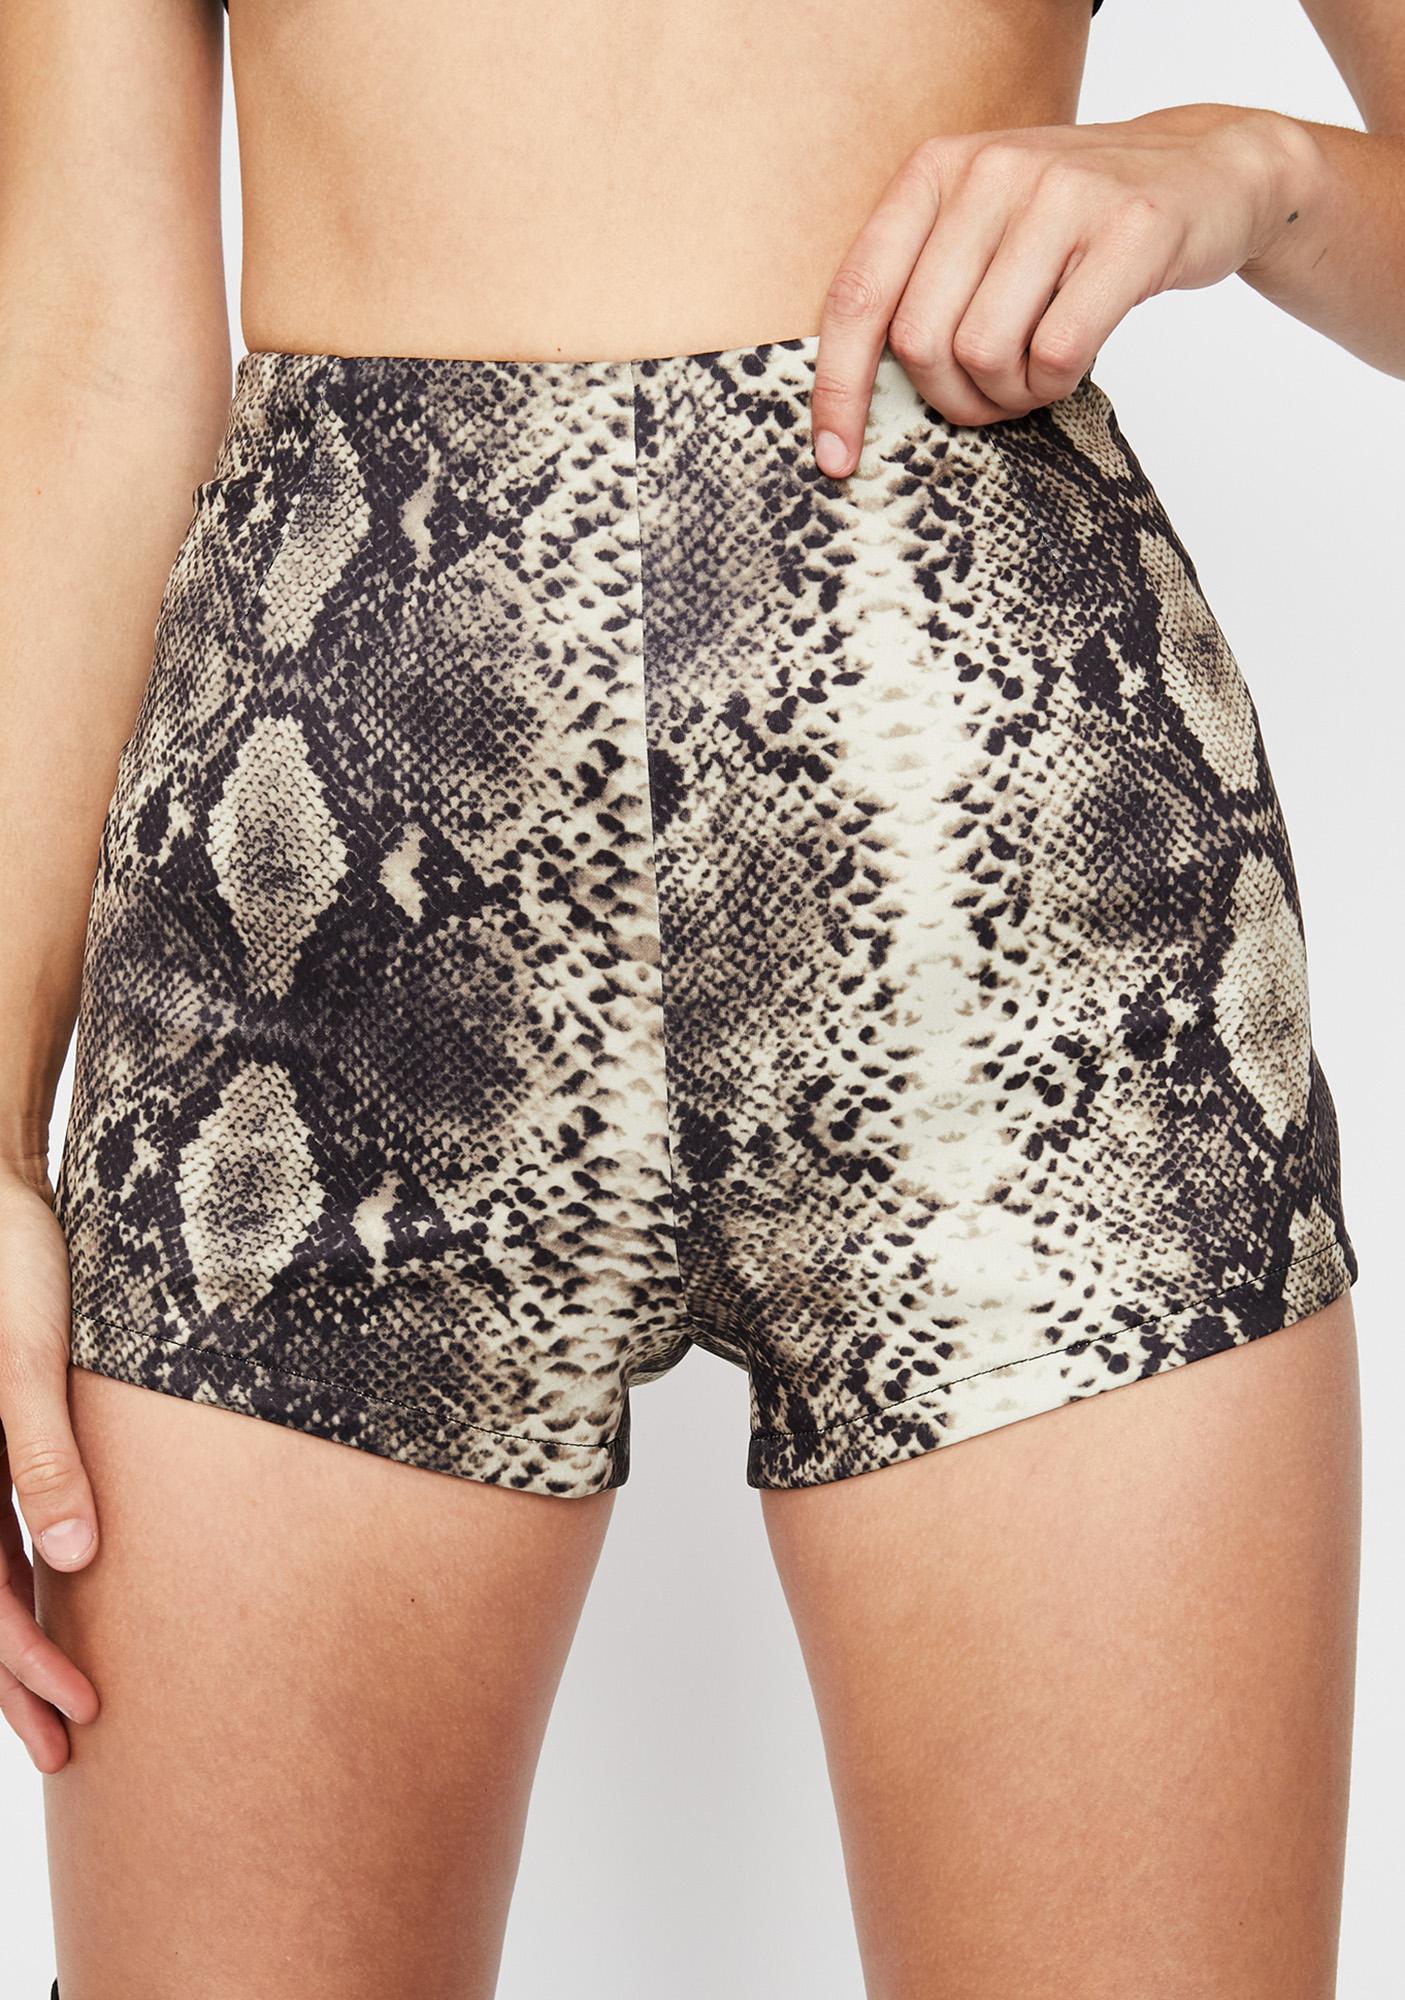 Cocoa Wicked Showdown Snakeskin Shorts